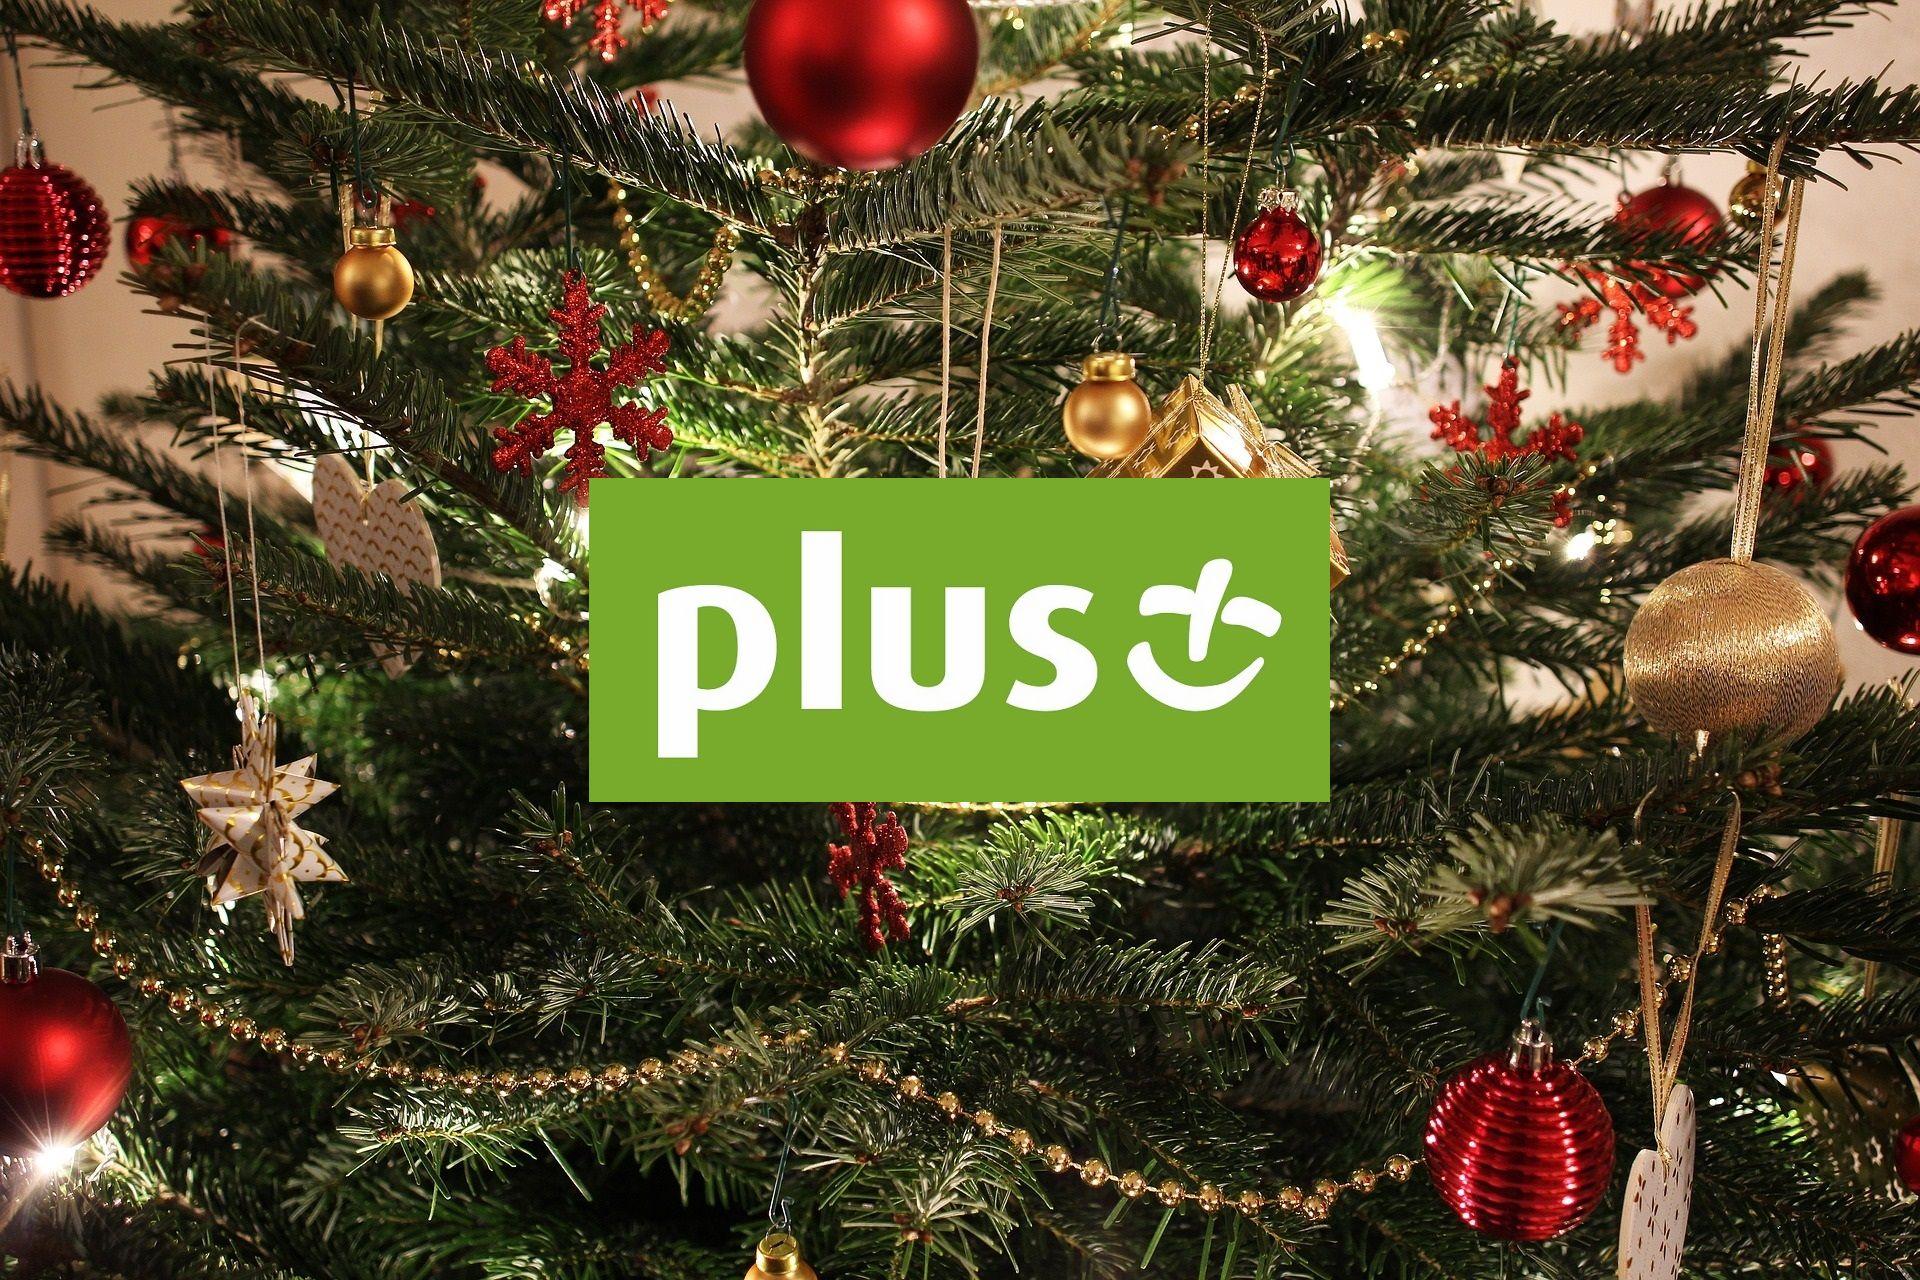 W Plusie już są święta - dostęp do 5G w każdym abonamencie i 2x więcej internetu